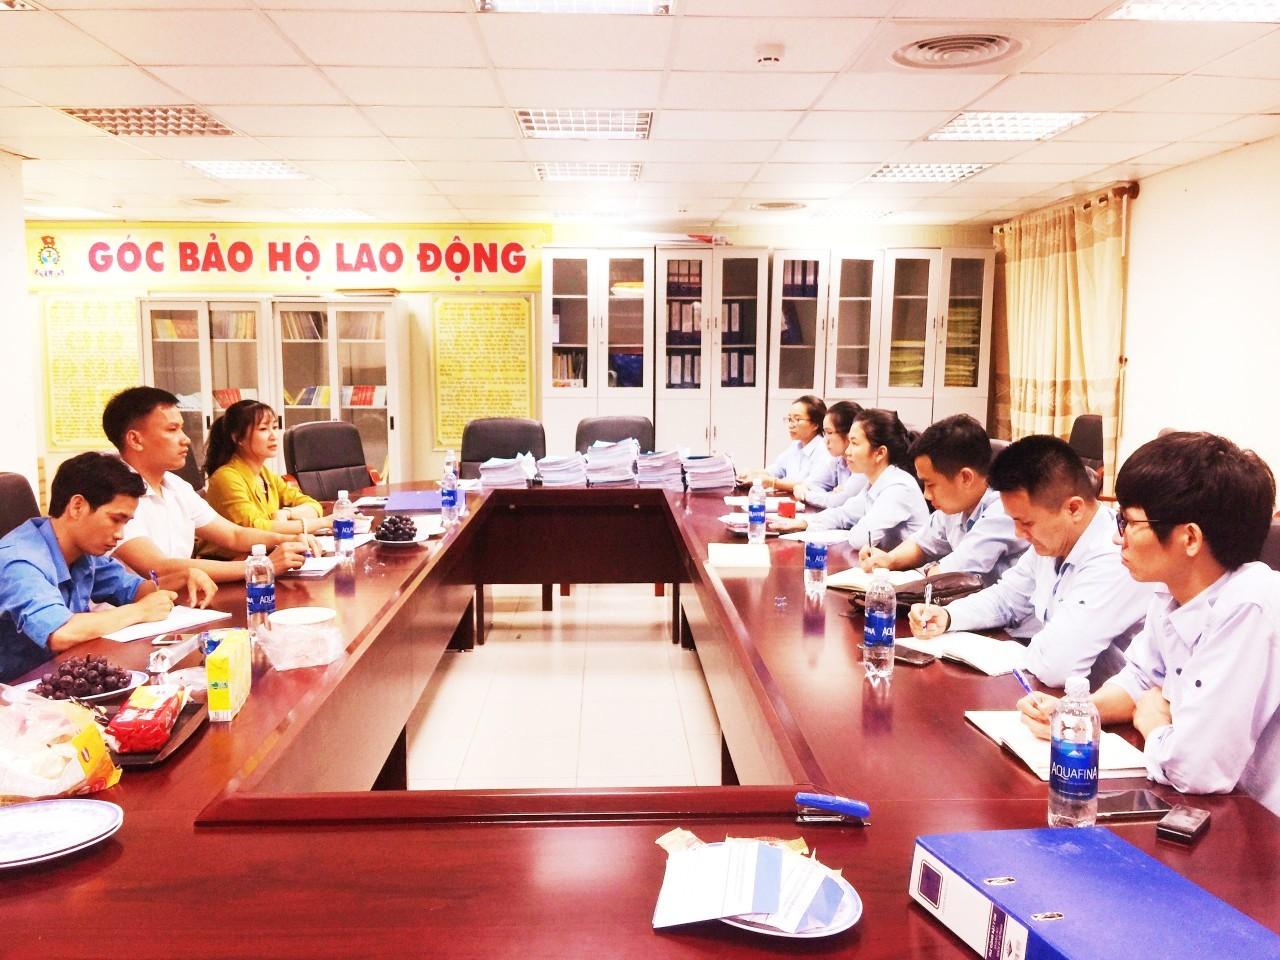 Giải pháp thực hiện công tác thu kinh phí Công đoàn khu vực  sản xuất kinh doanh tại Công đoàn các Khu kinh tế tỉnh Hà Tĩnh